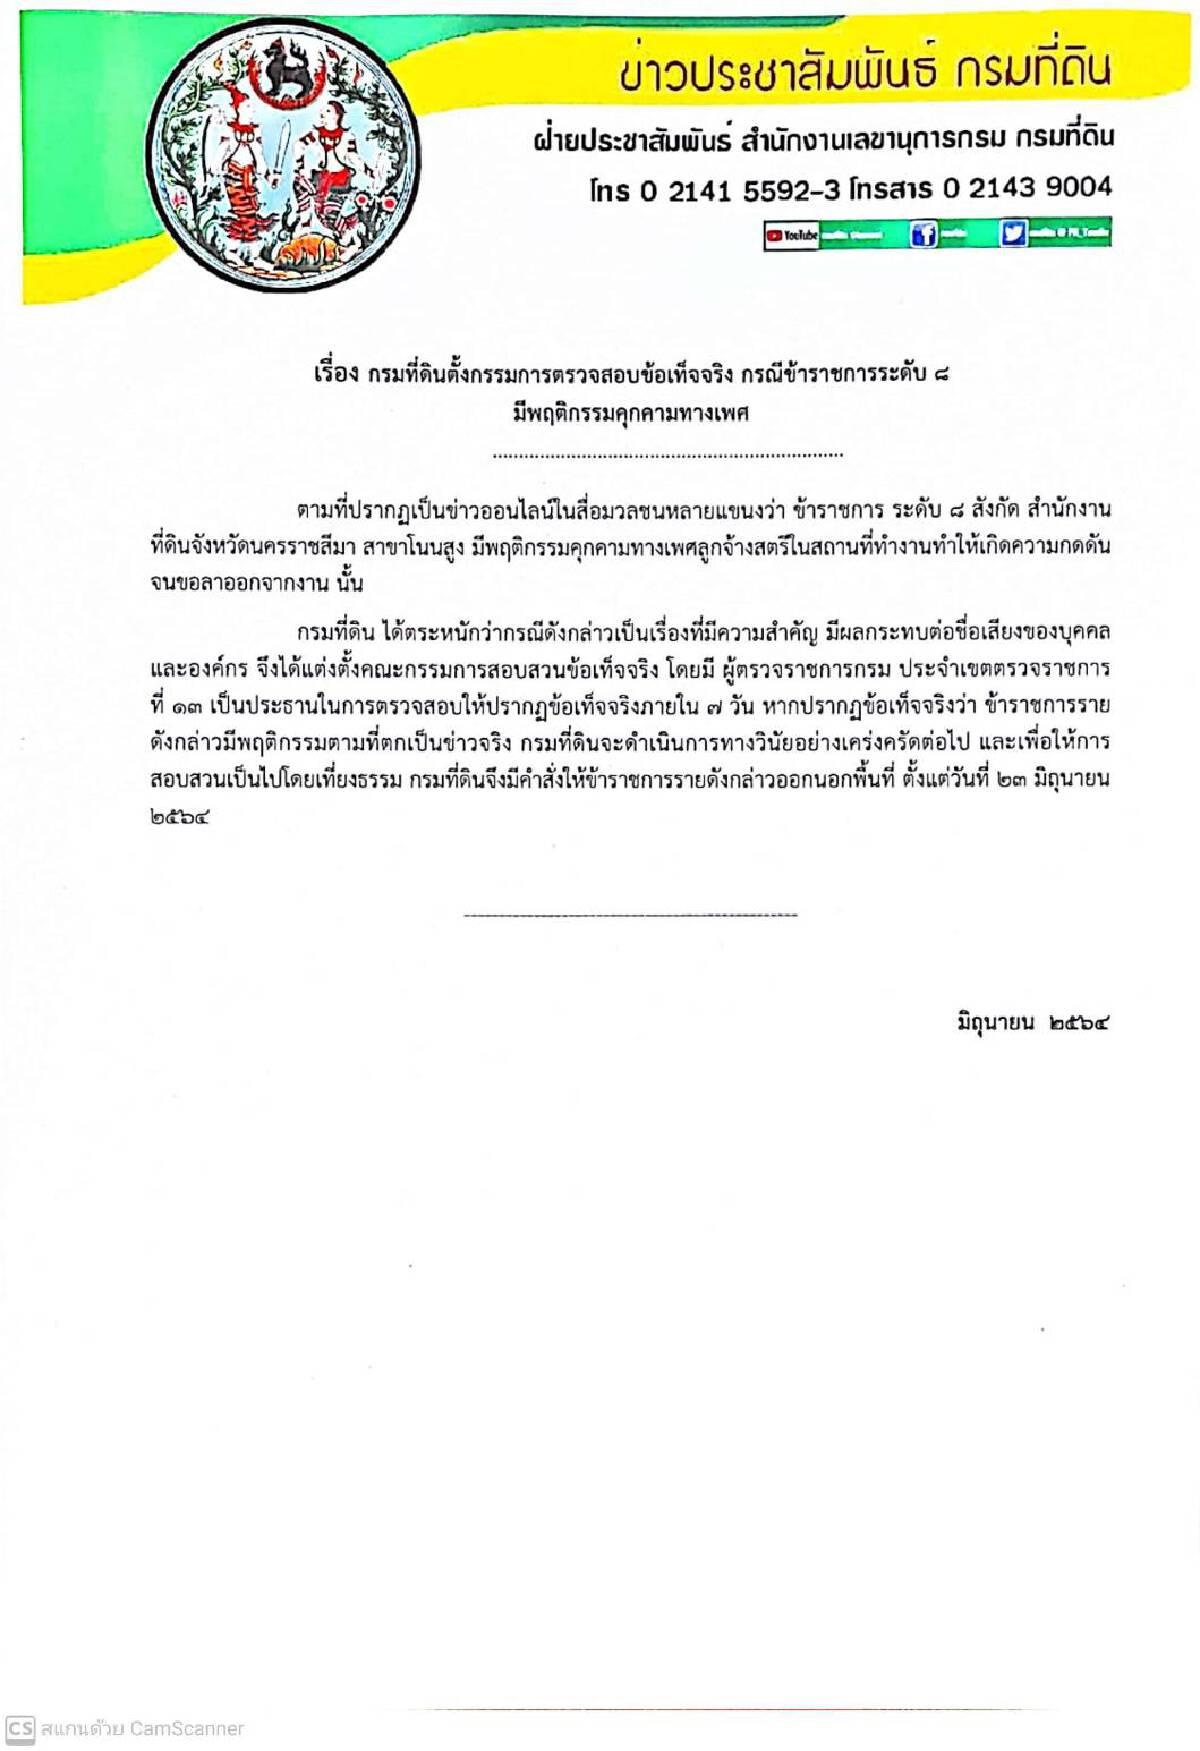 กรมที่ดินตั้งกรรมการสอบ ข้าราชการ ซี 8 คุกคามทางเพศ-ให้ออกนอกพื้นที่ทันที